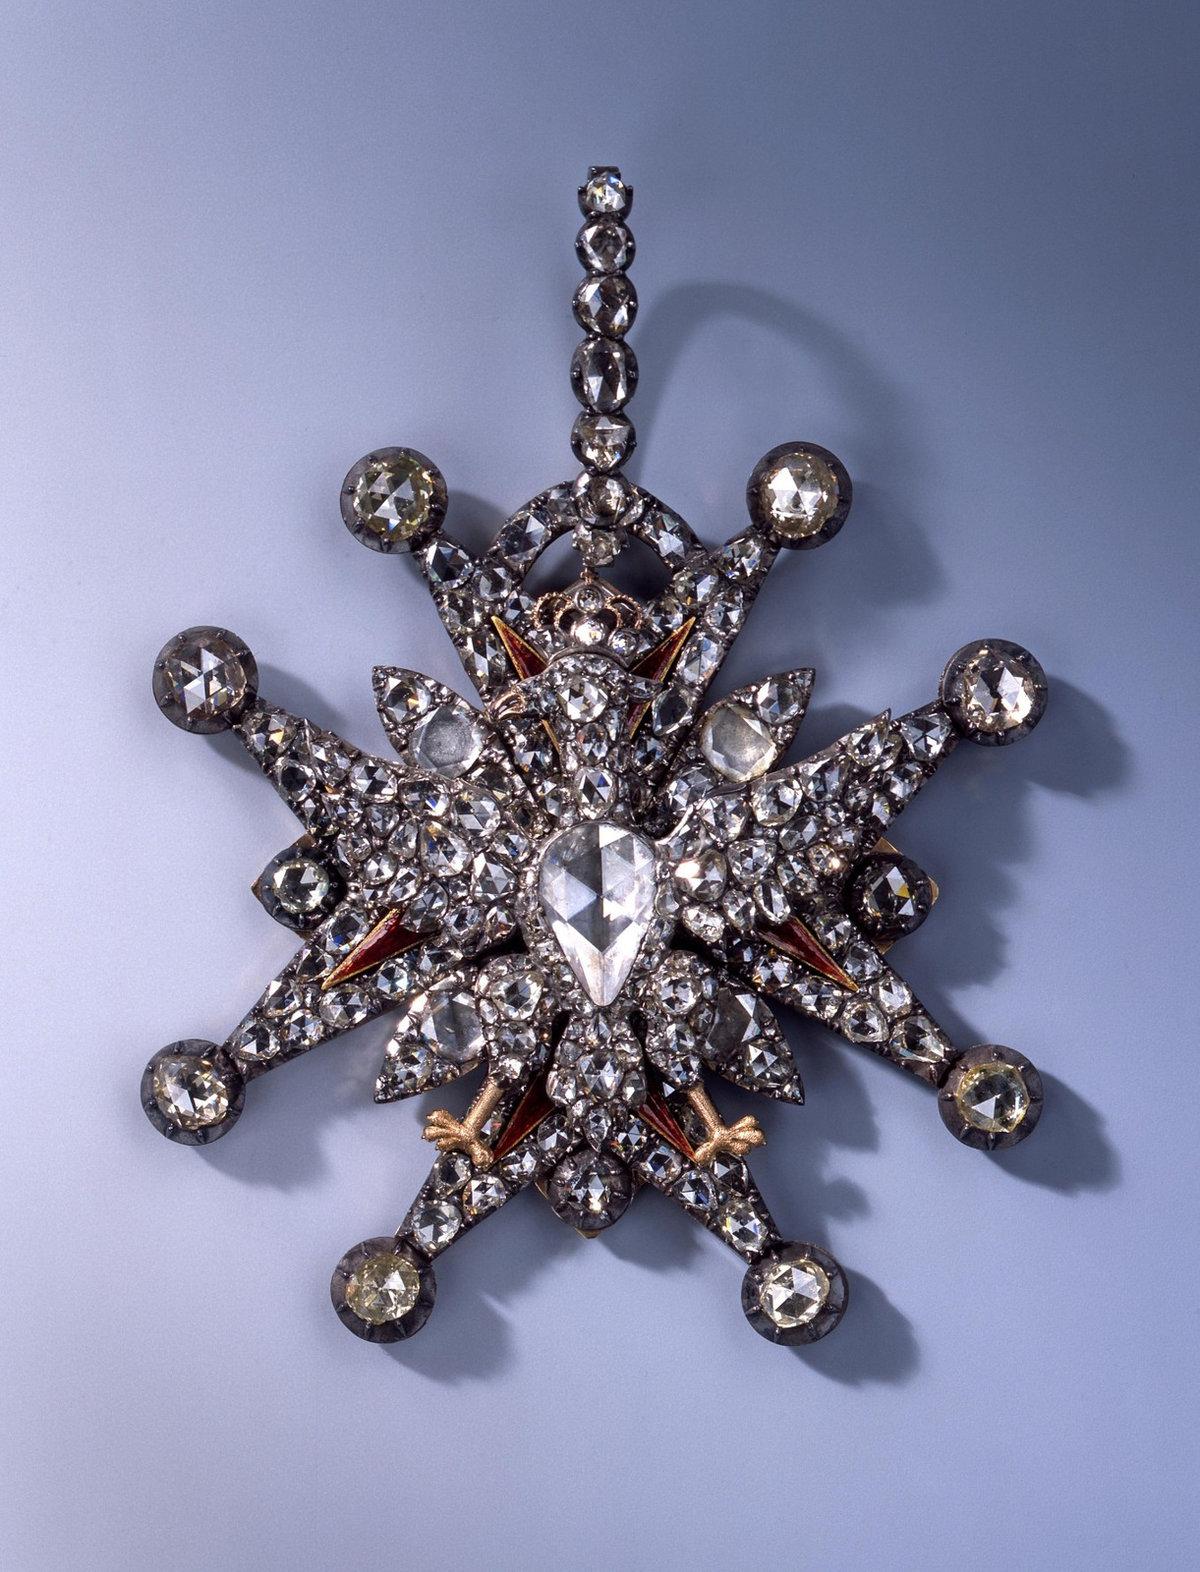 Šperky ukradené z drážďanské klenotnice, (26.11.2019).